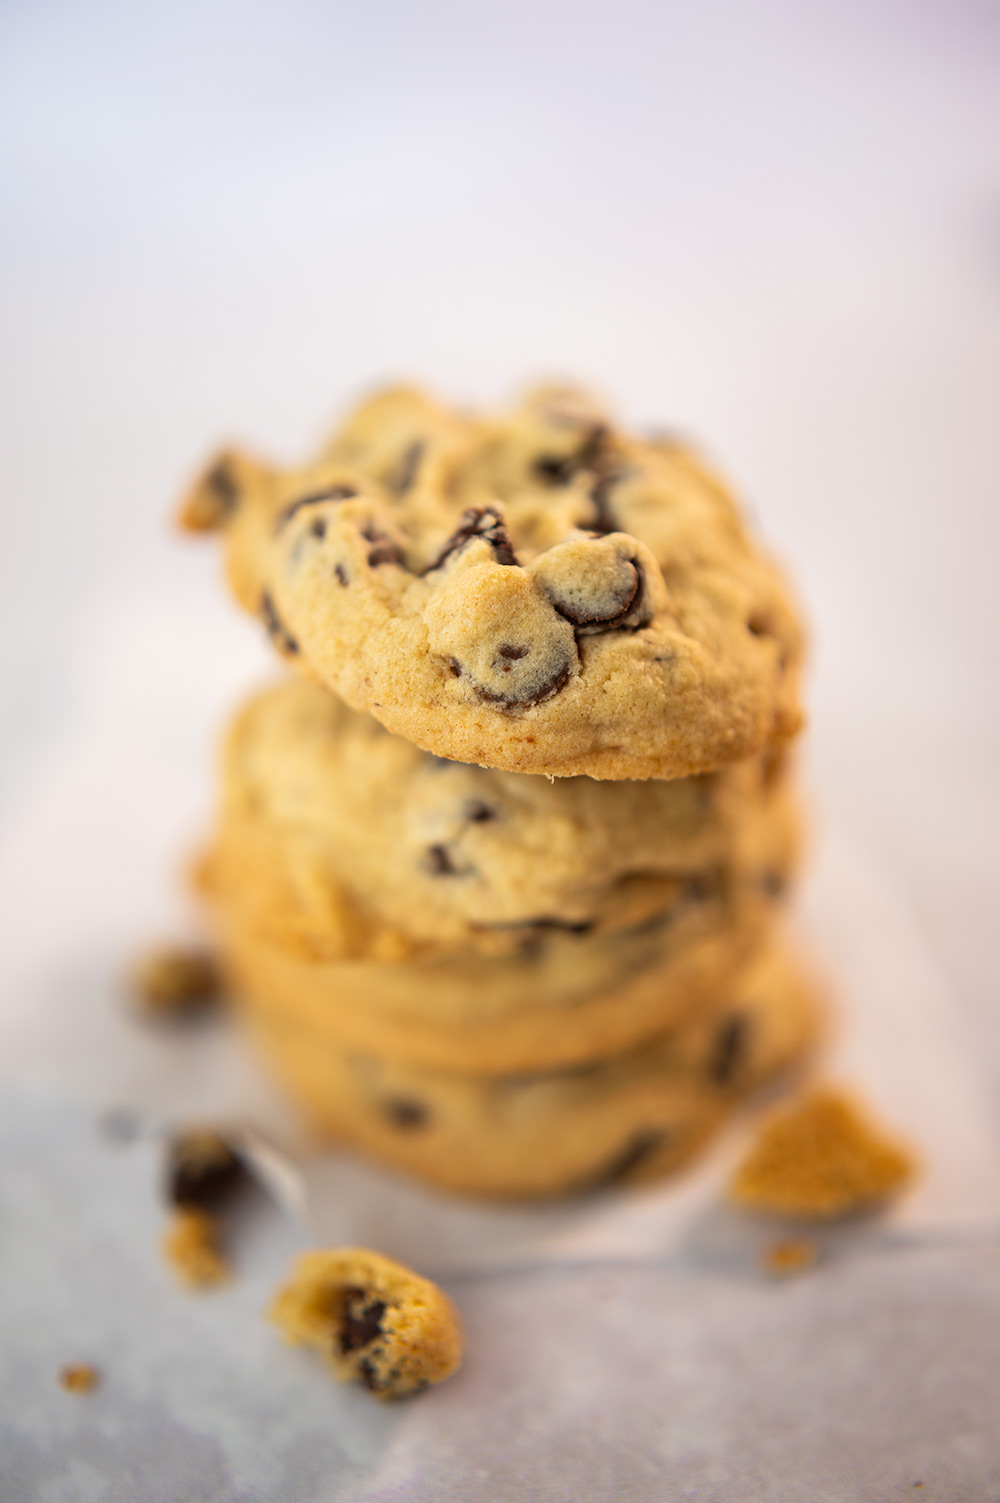 Vintage Chocolate Chip Cookies